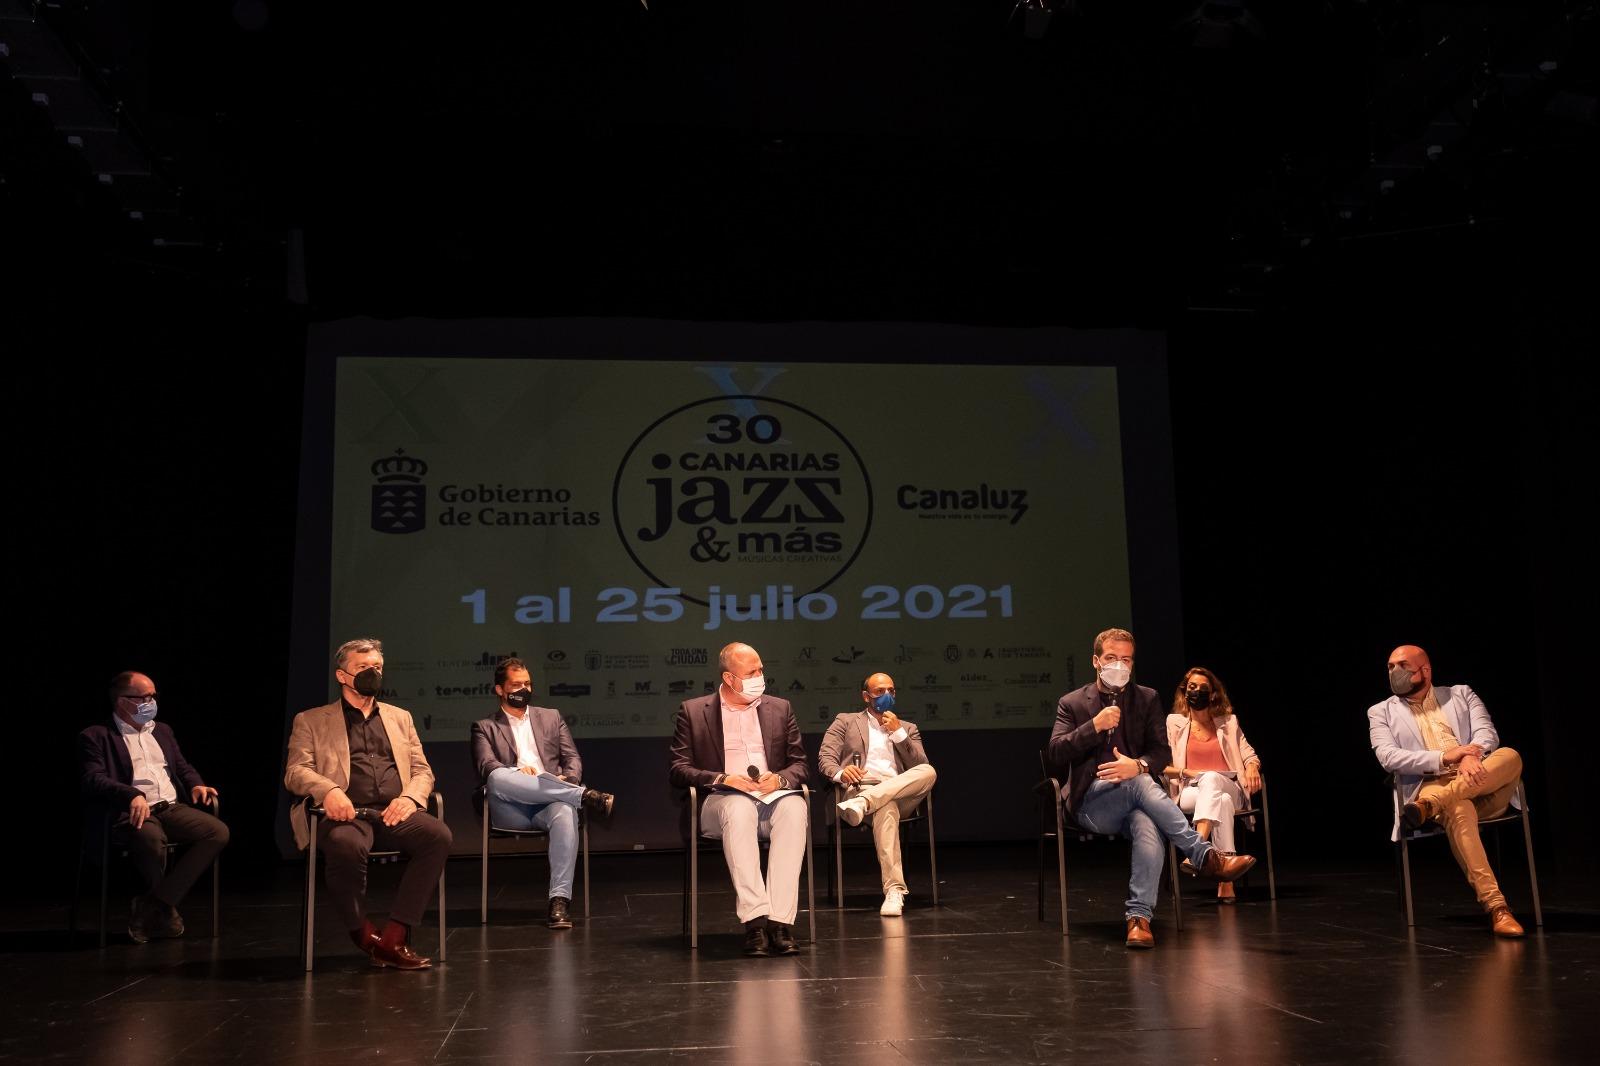 Presentación Festival Canarias Jazz y Mas 2021